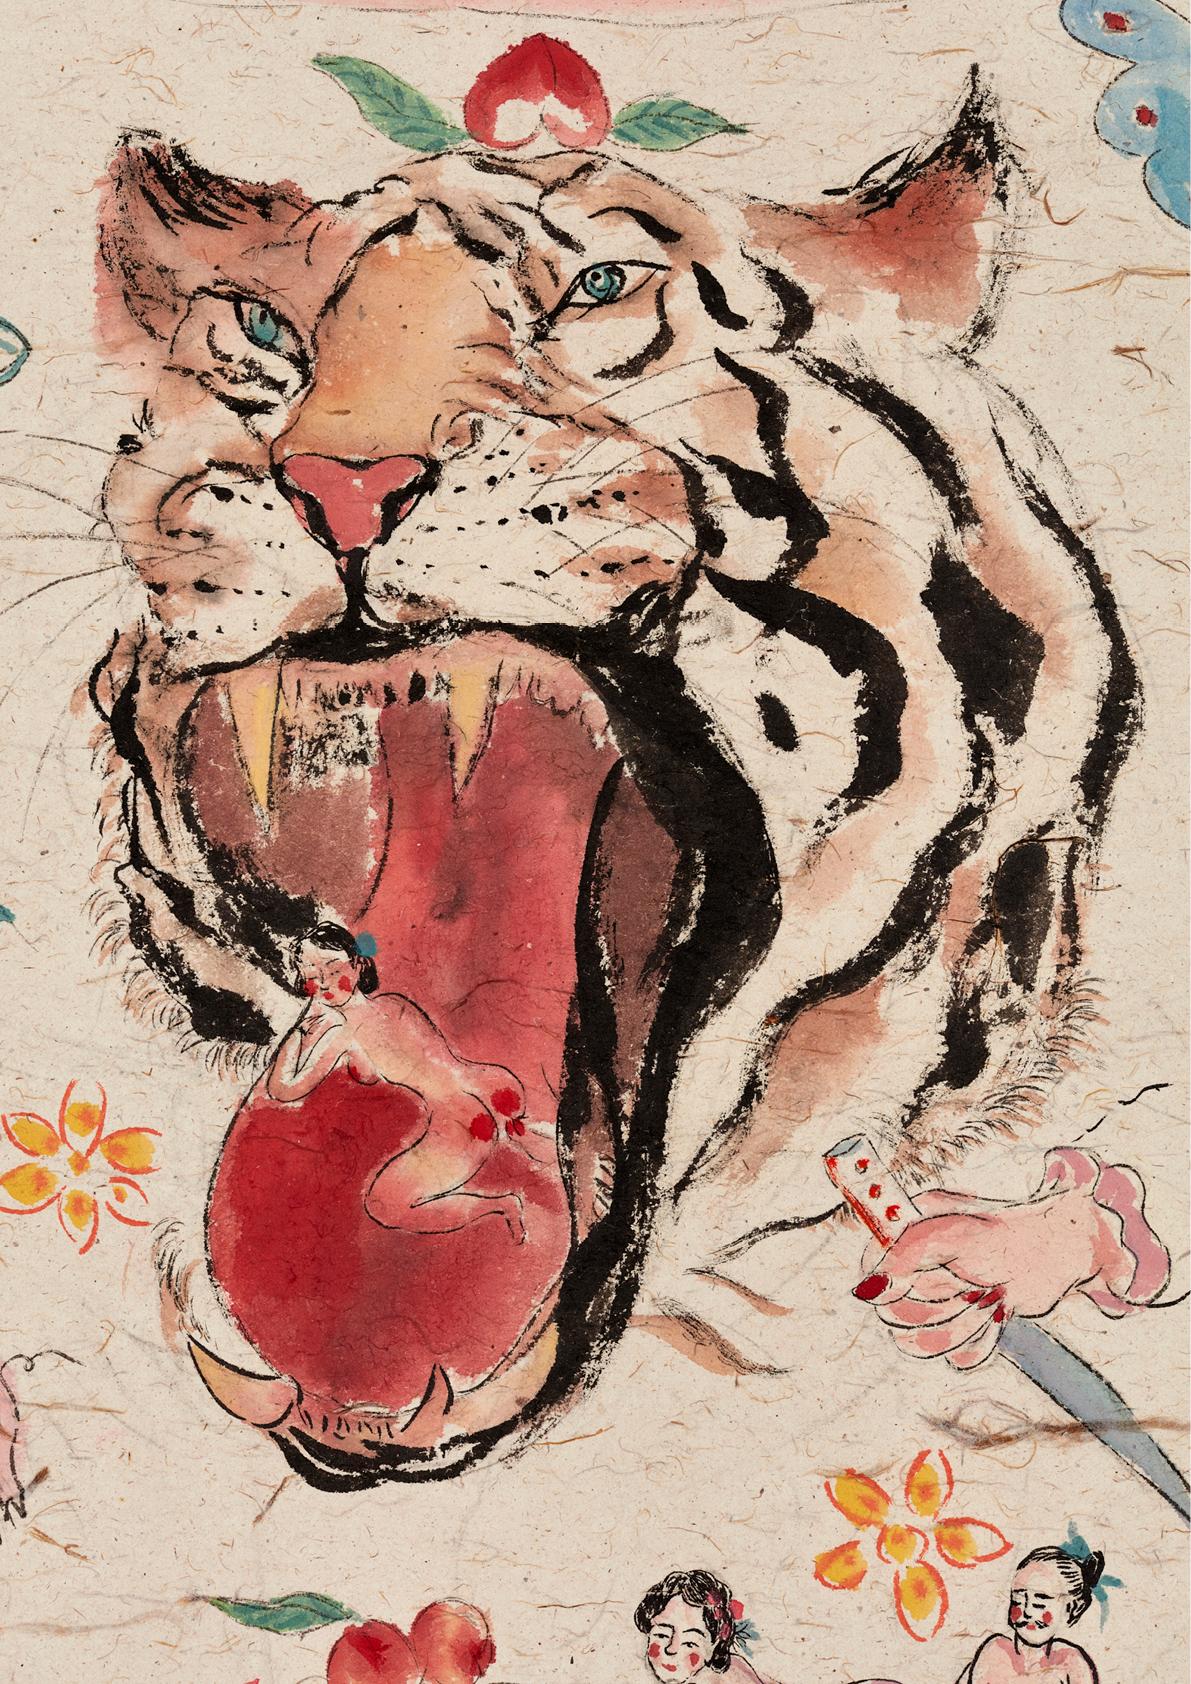 Shafei Xia, Best wishes, 2020, acquarello su carta di sandalo intelata/watercolor on sandal paper mounted on canvas, cm.130x120, Courtesy the artist & P420, Bologna (photo Carlo Favero)